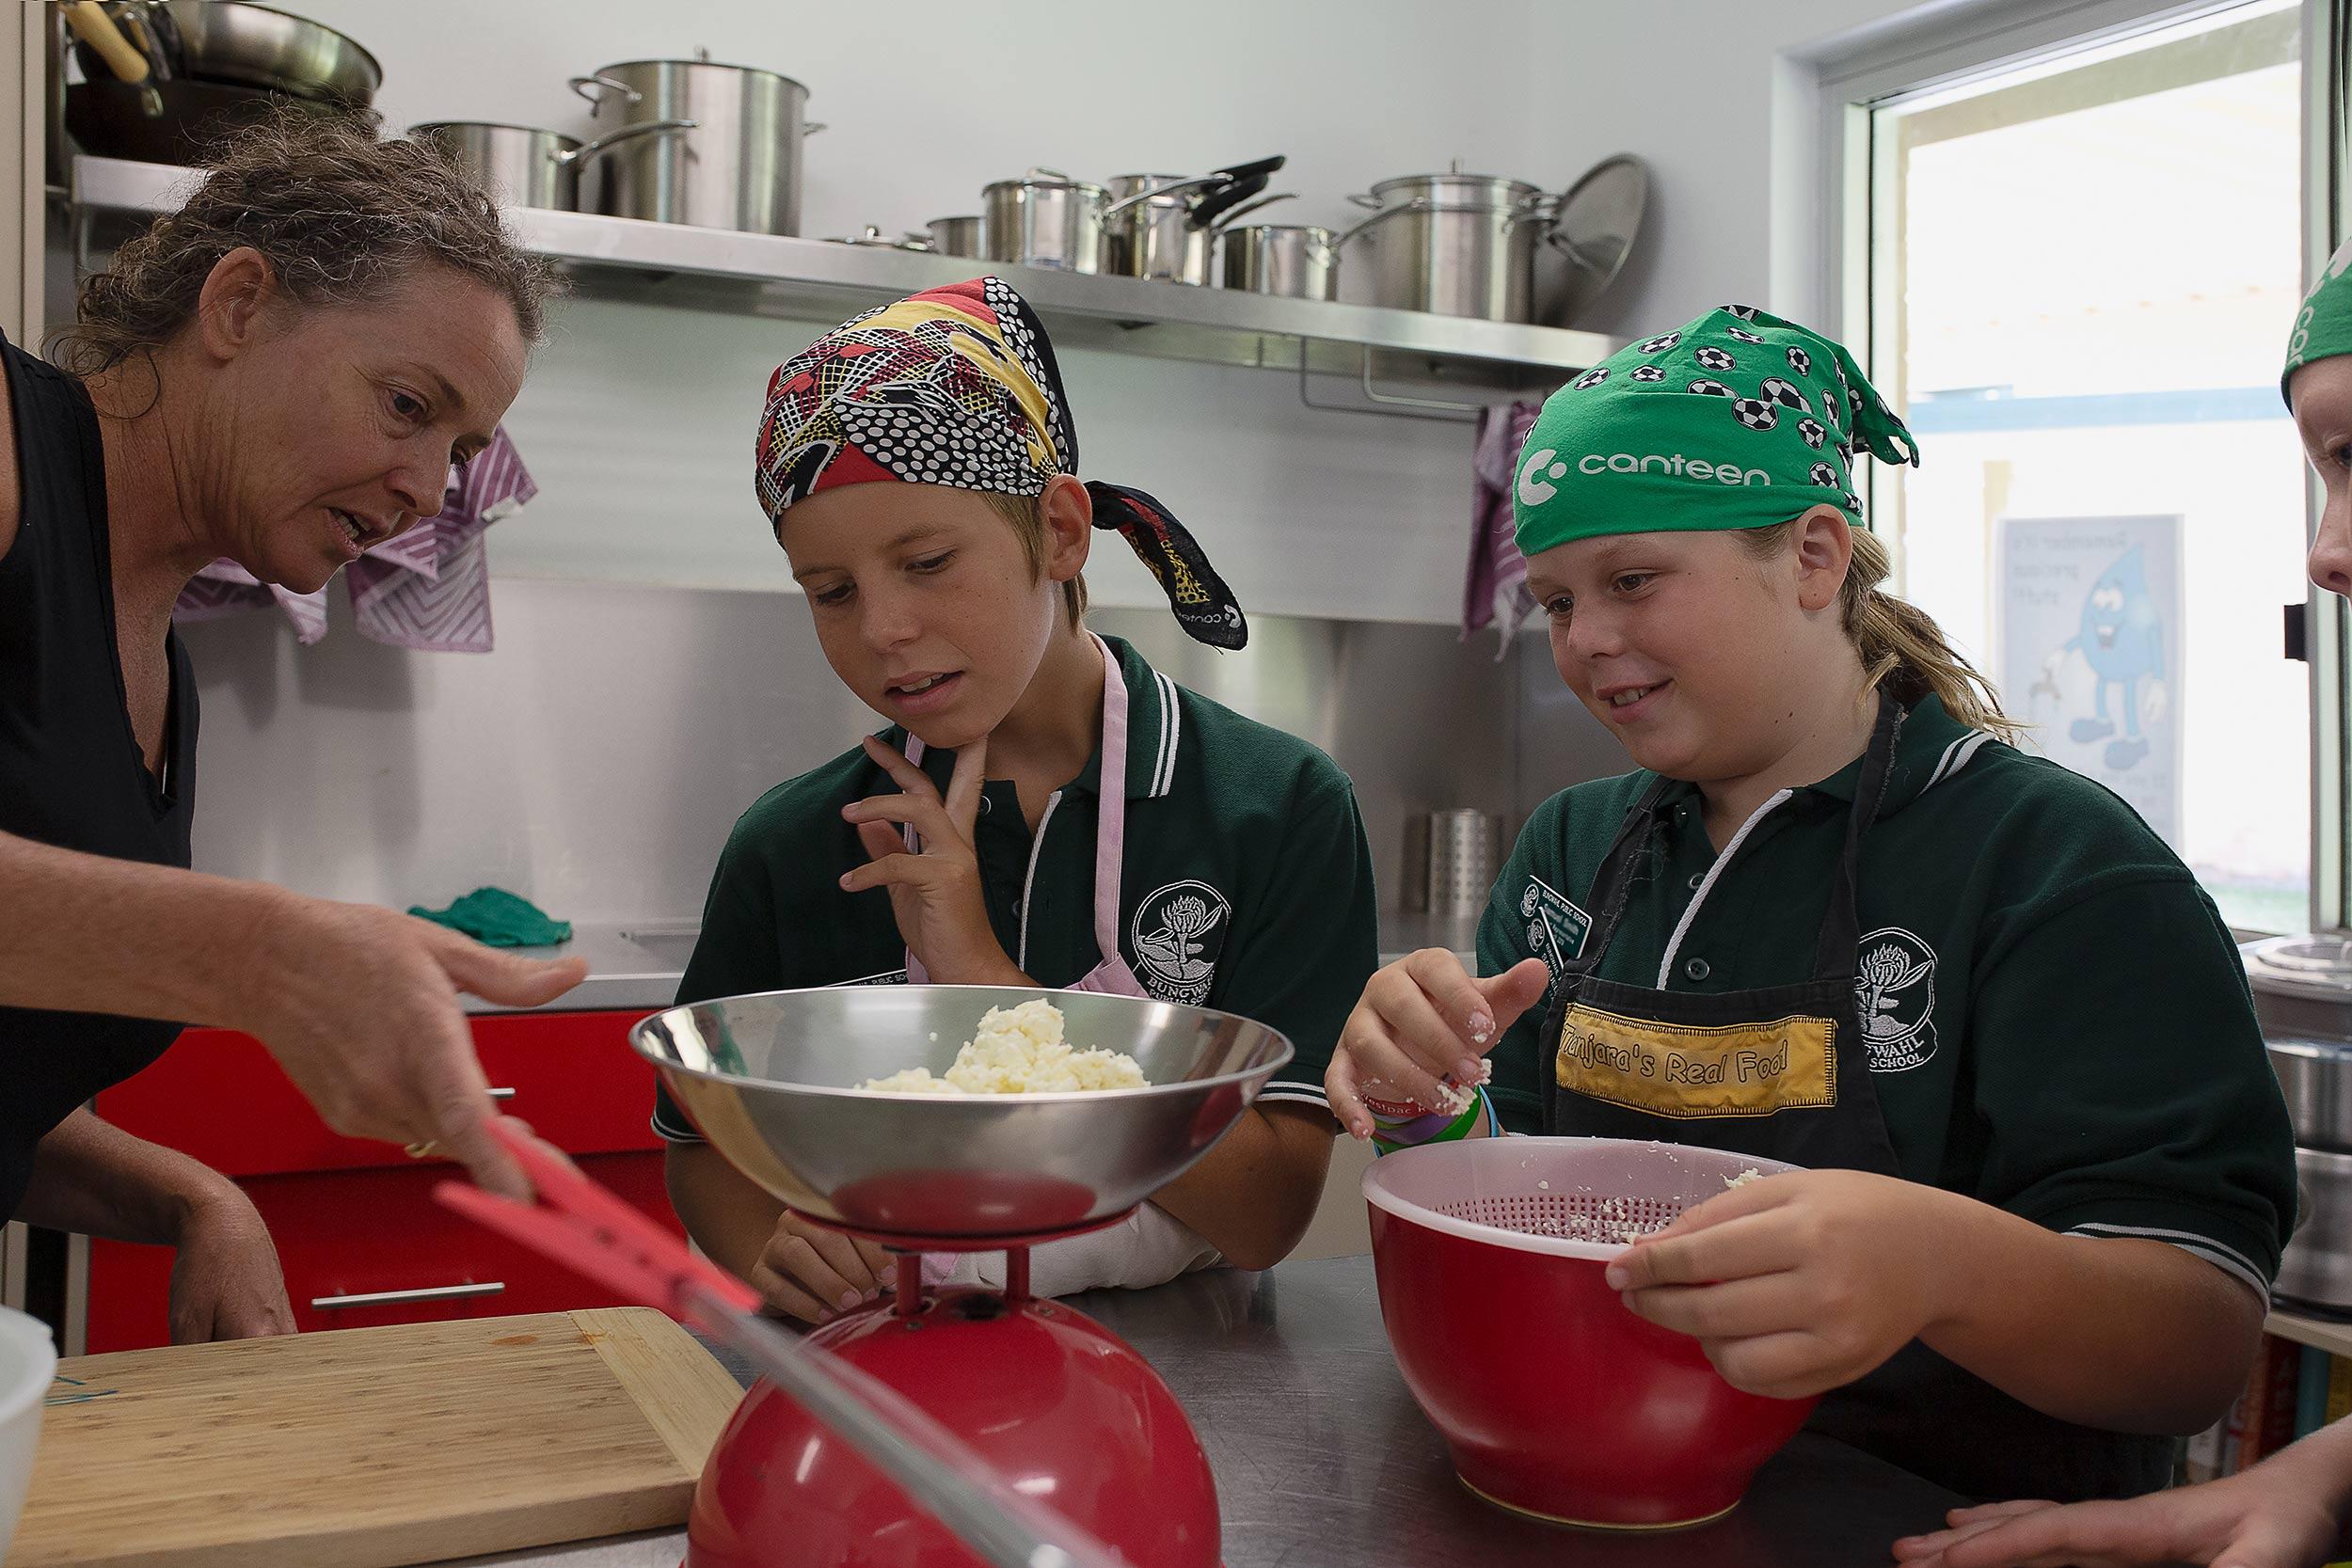 glft-bungwahl-school-kitchen-garden-cooking.jpg